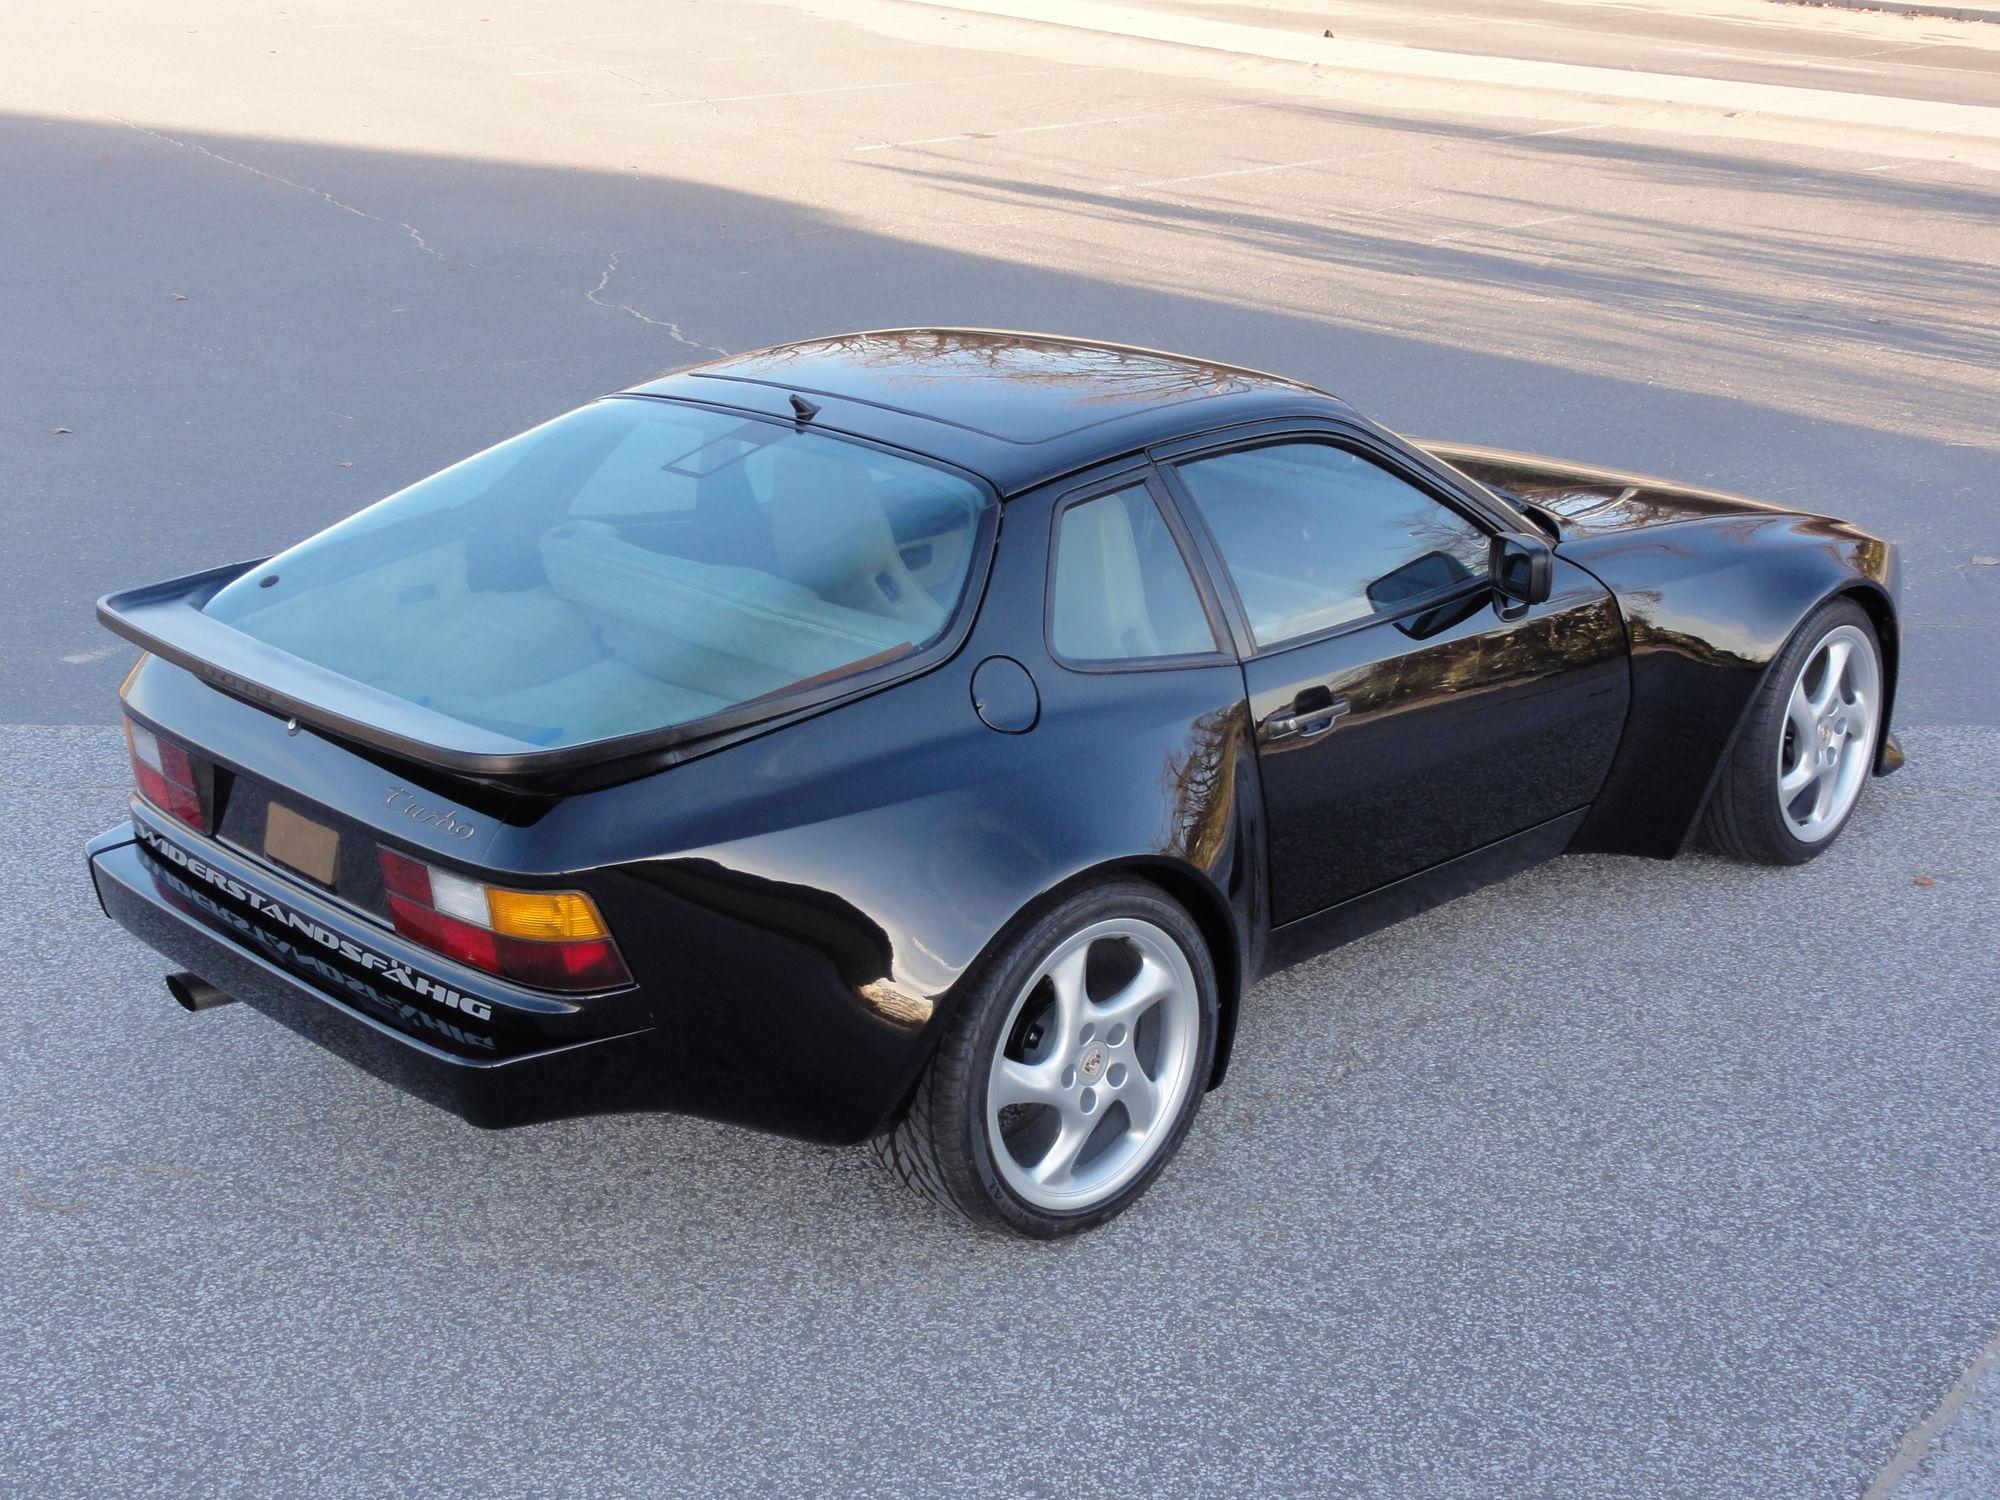 39 86 porsche 944 turbo widebody widerstandsfahig rennlist porsche discussion forums. Black Bedroom Furniture Sets. Home Design Ideas